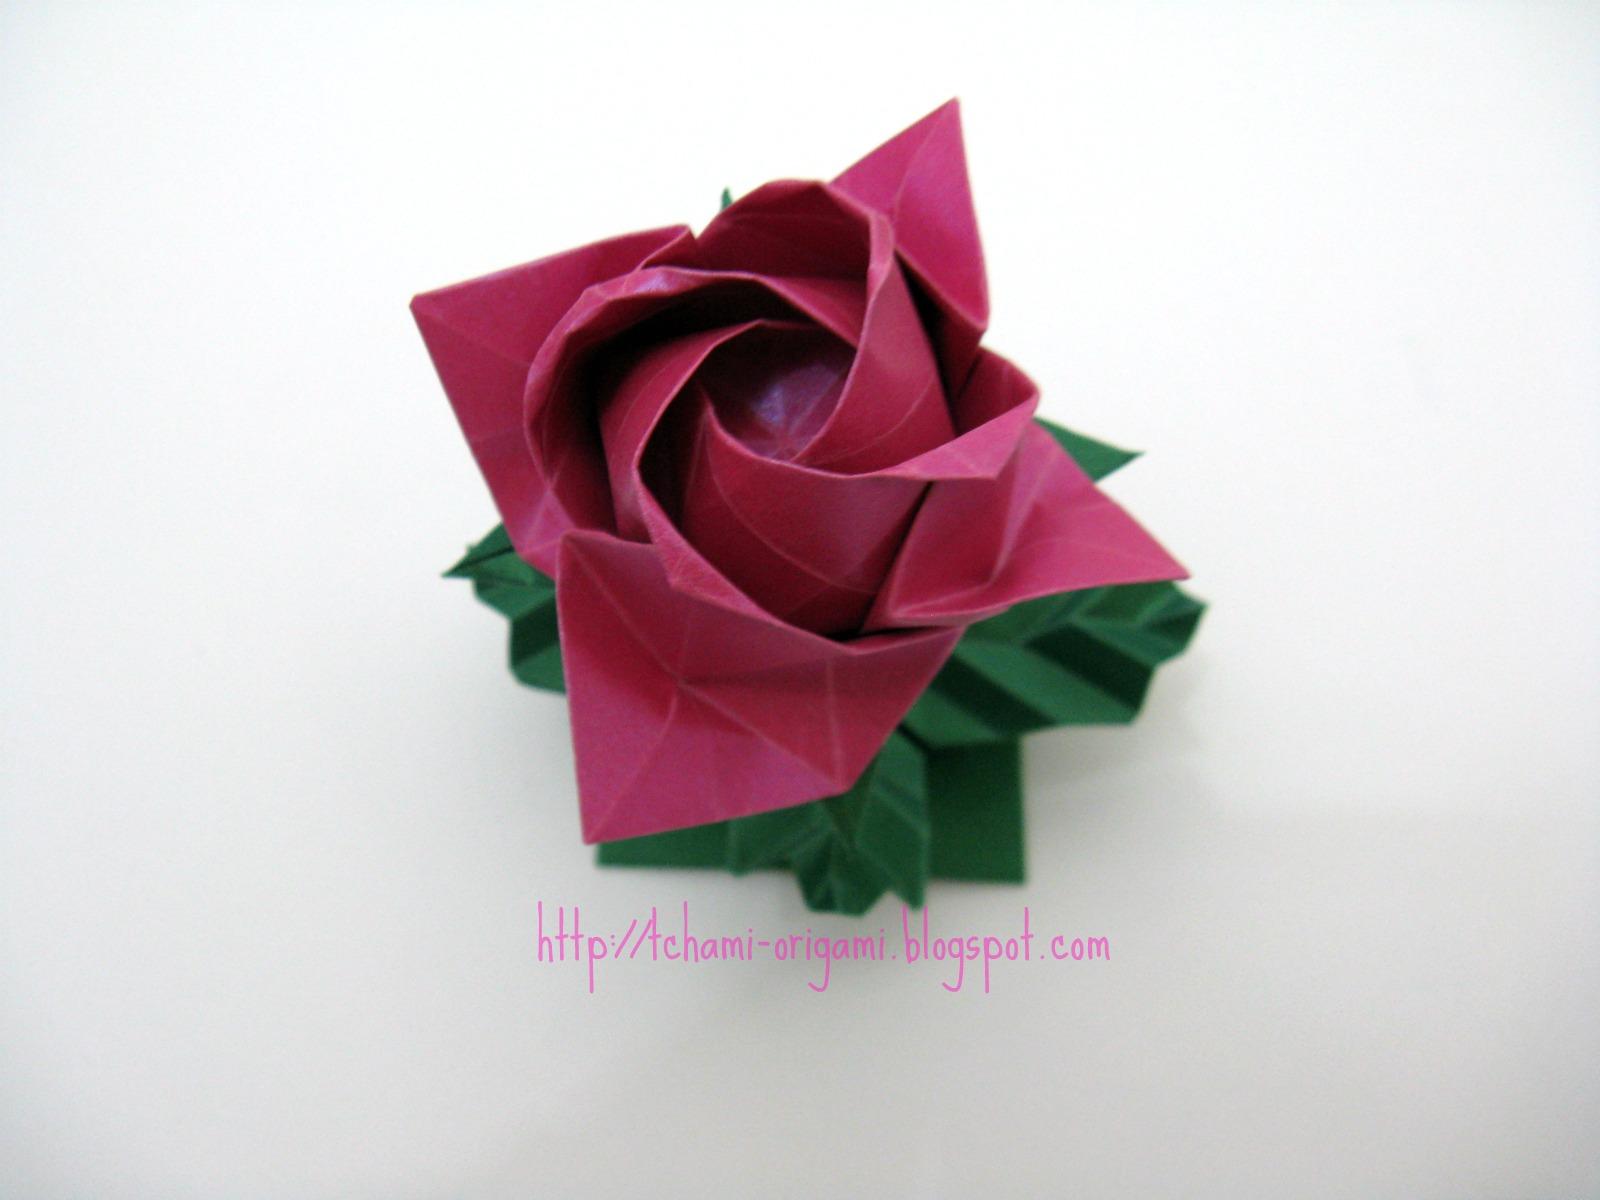 Origami by Tchami: Kawasaki Rose - photo#22